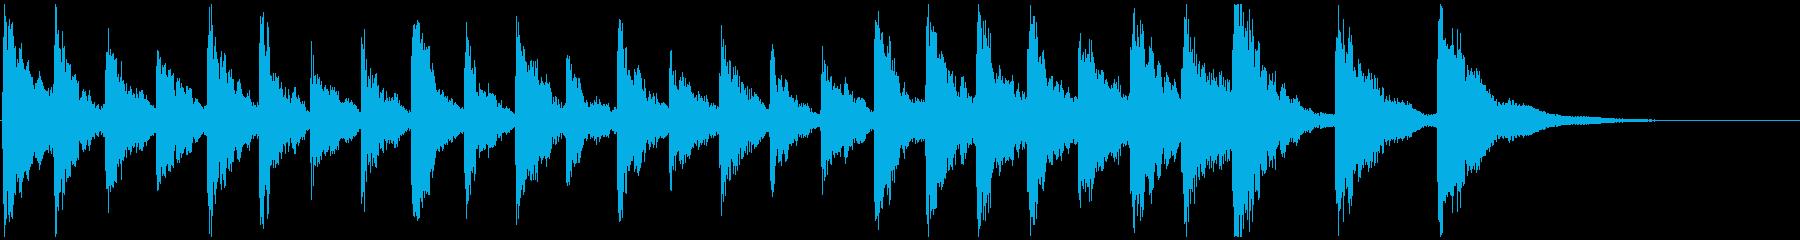 ピチカートのクラシックな短いジングル1の再生済みの波形